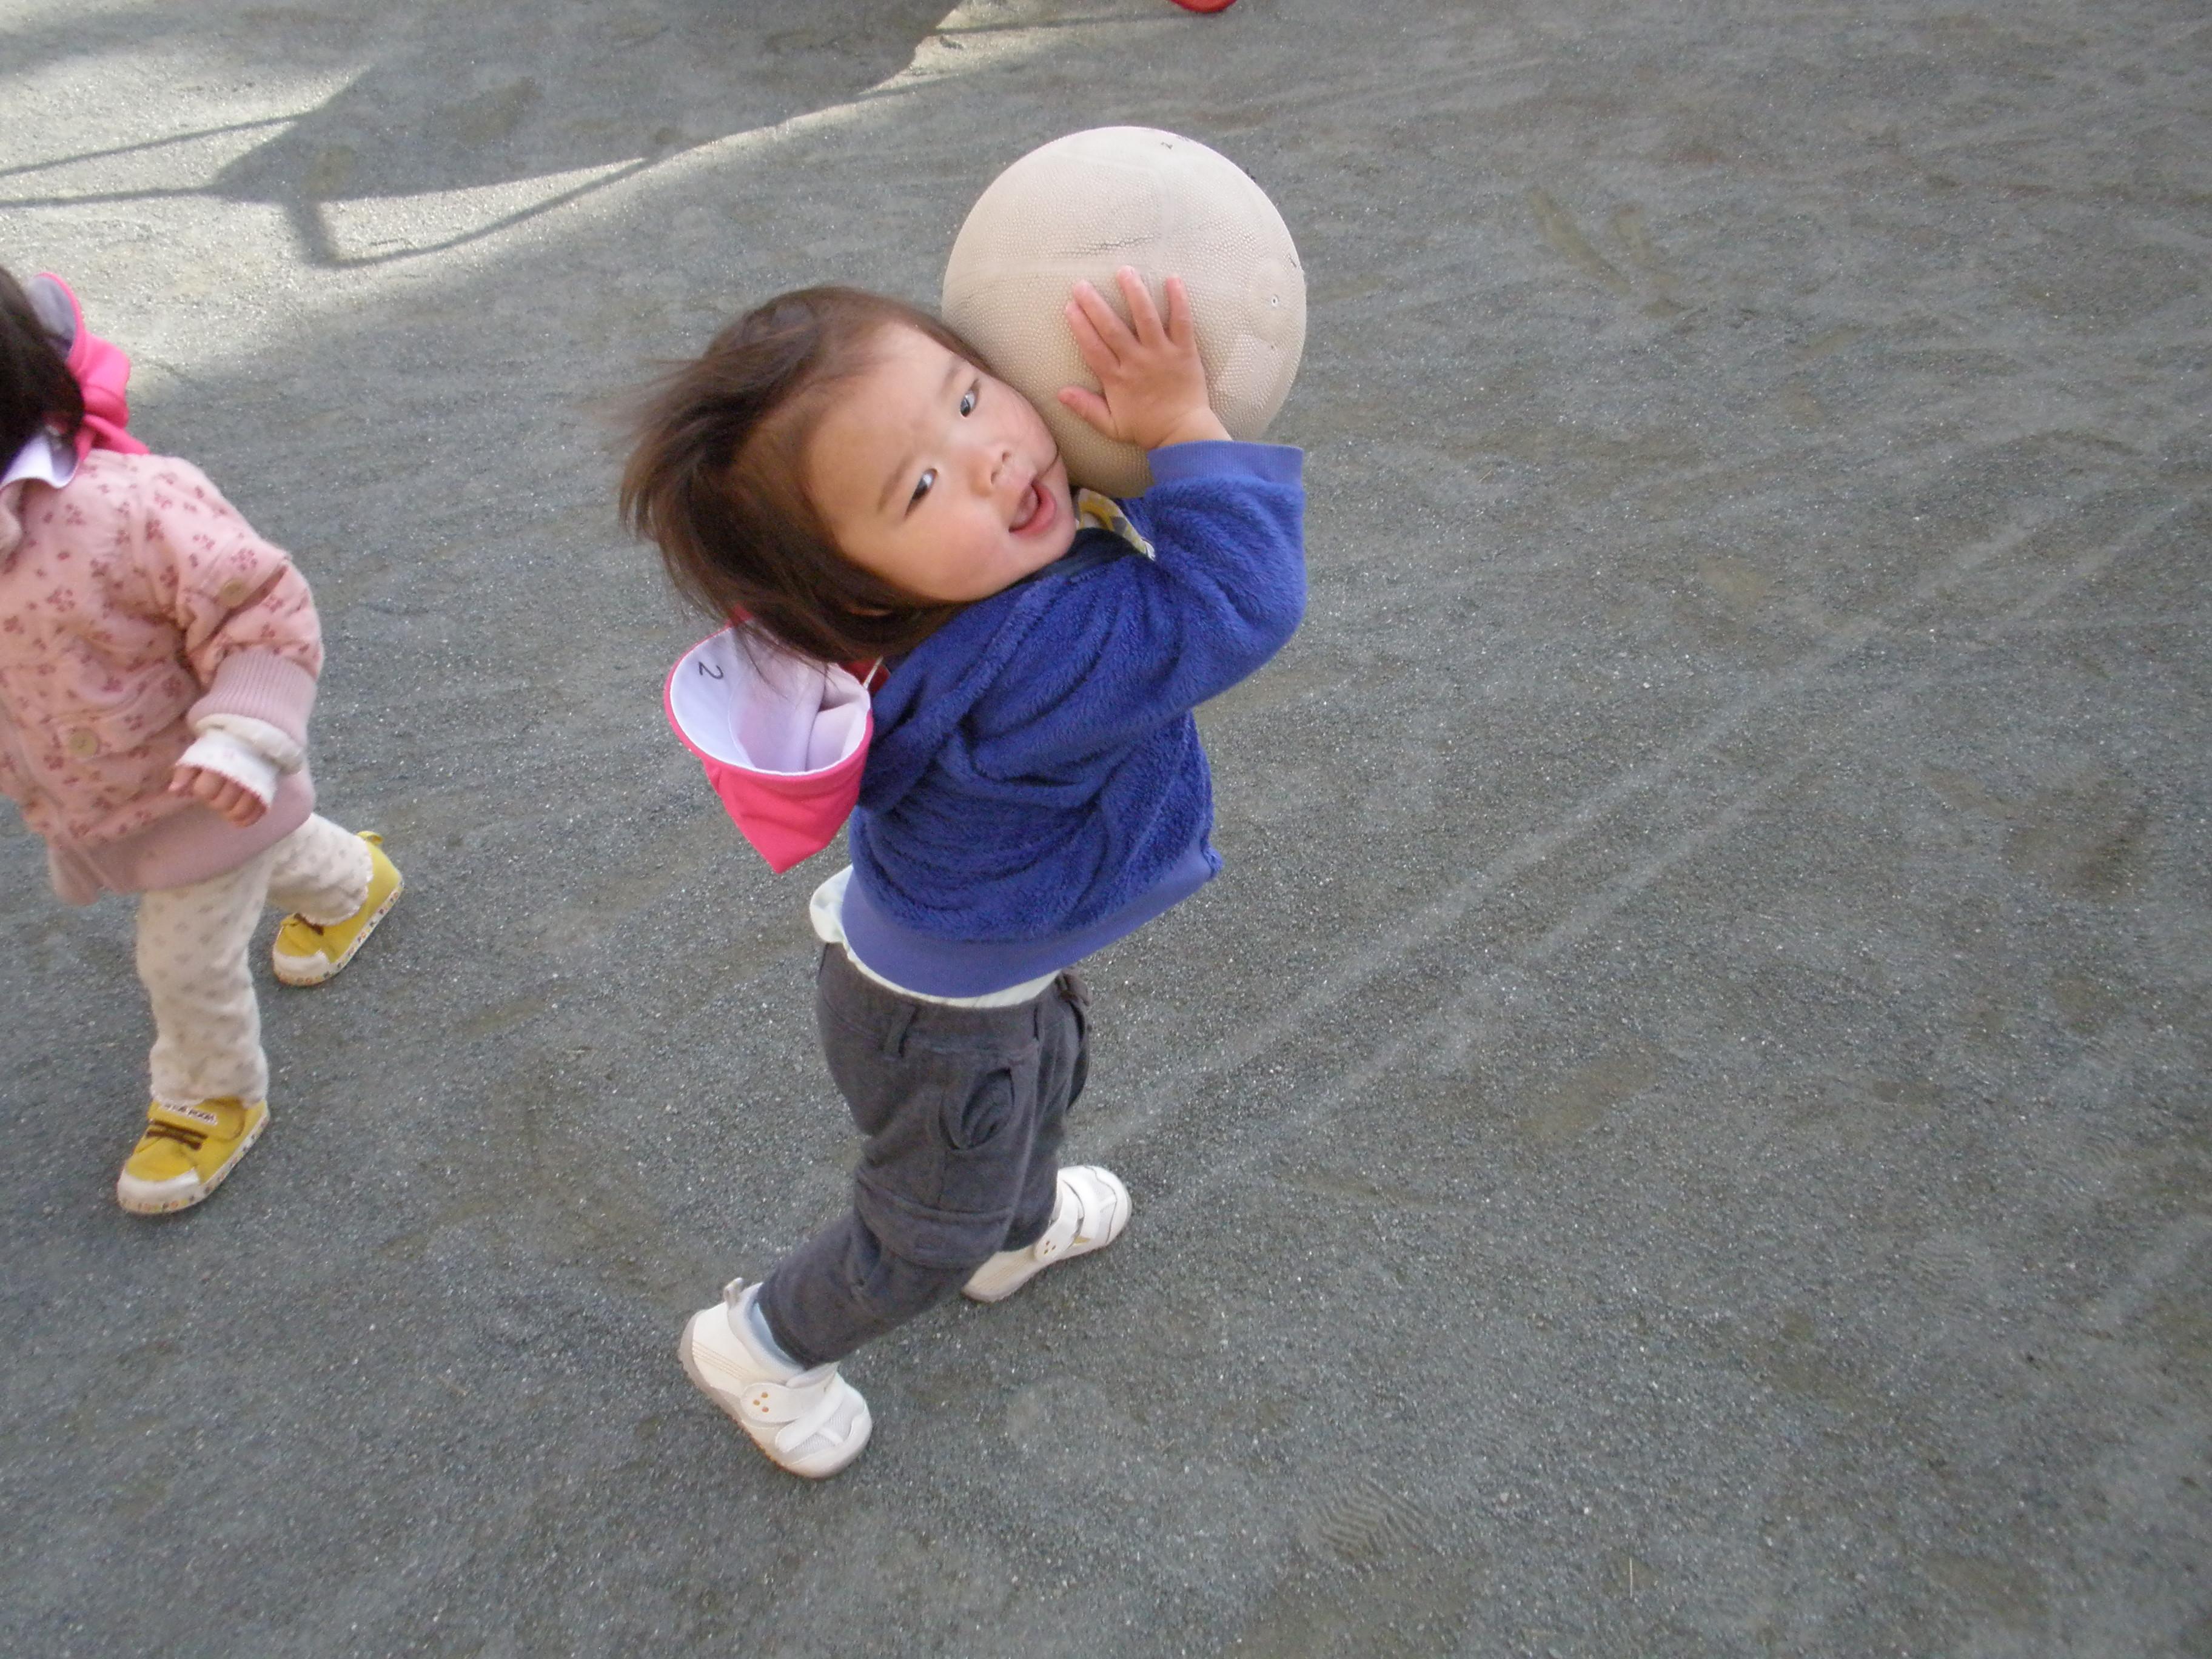 ボールをえいっ!と投げようとしてます。